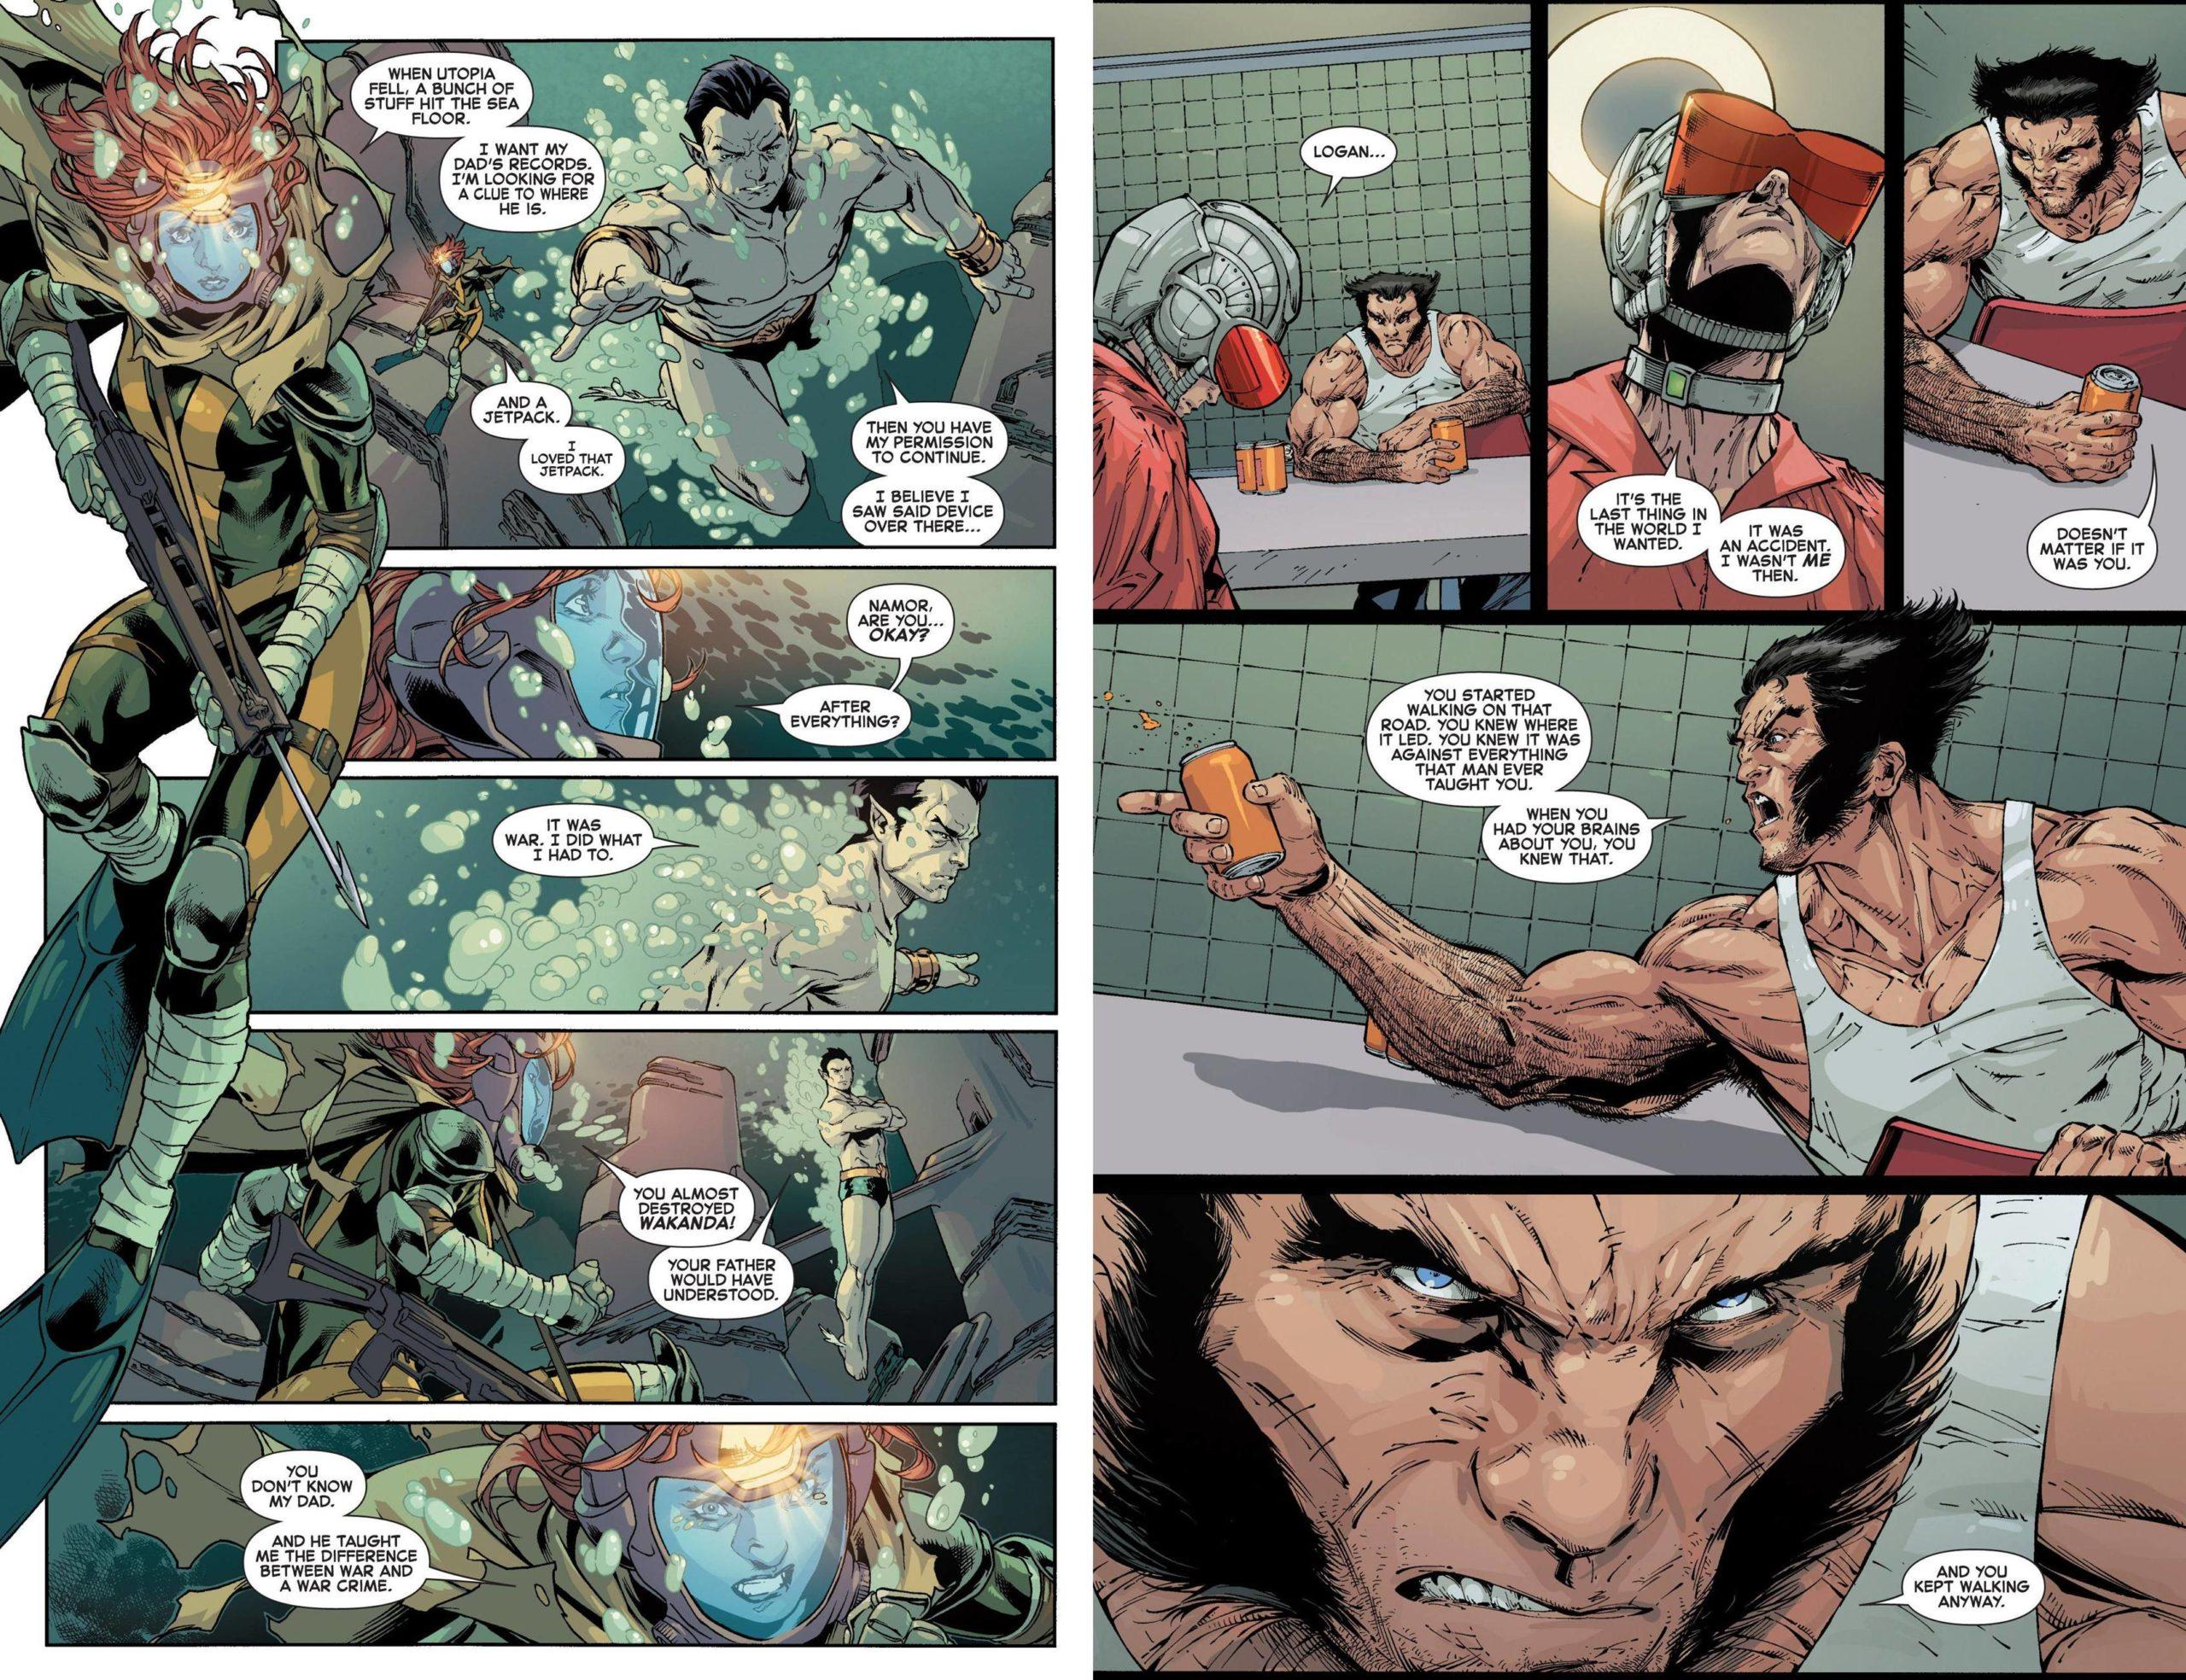 Avengers vs. X-Men Consequences review